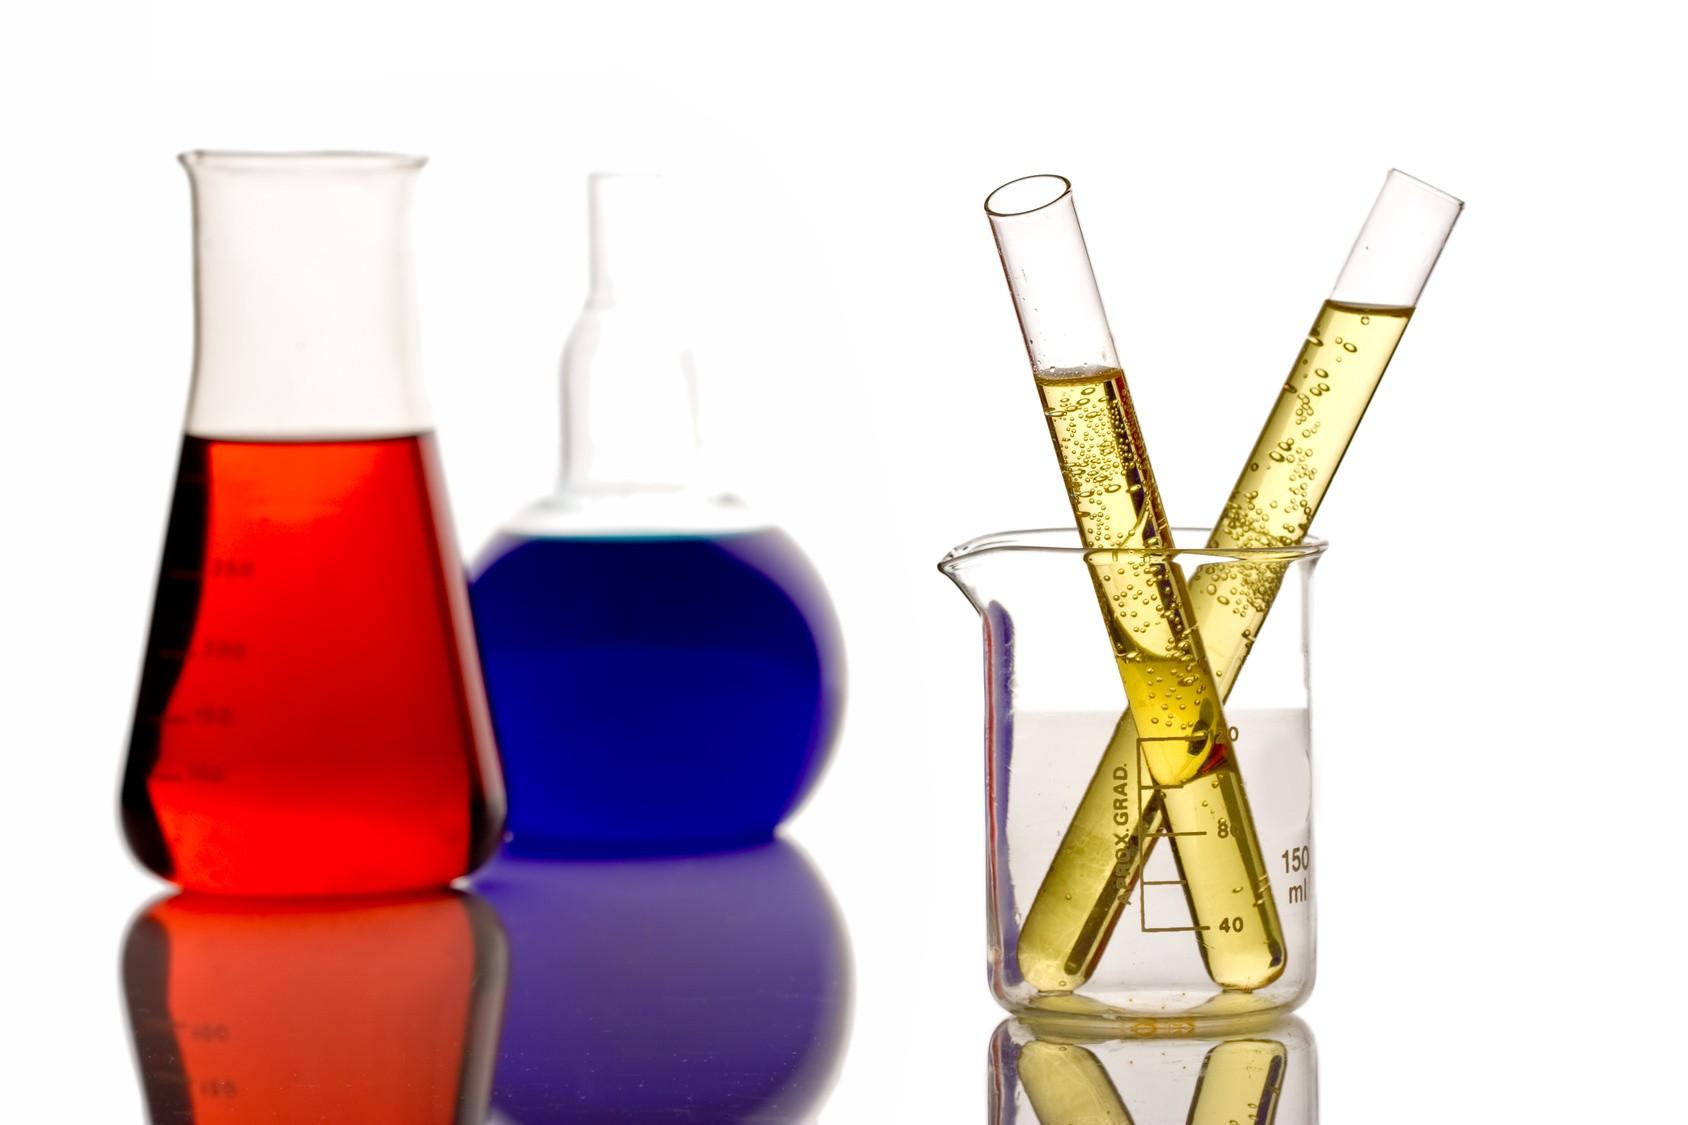 prodotto chimico industria di trasformazione